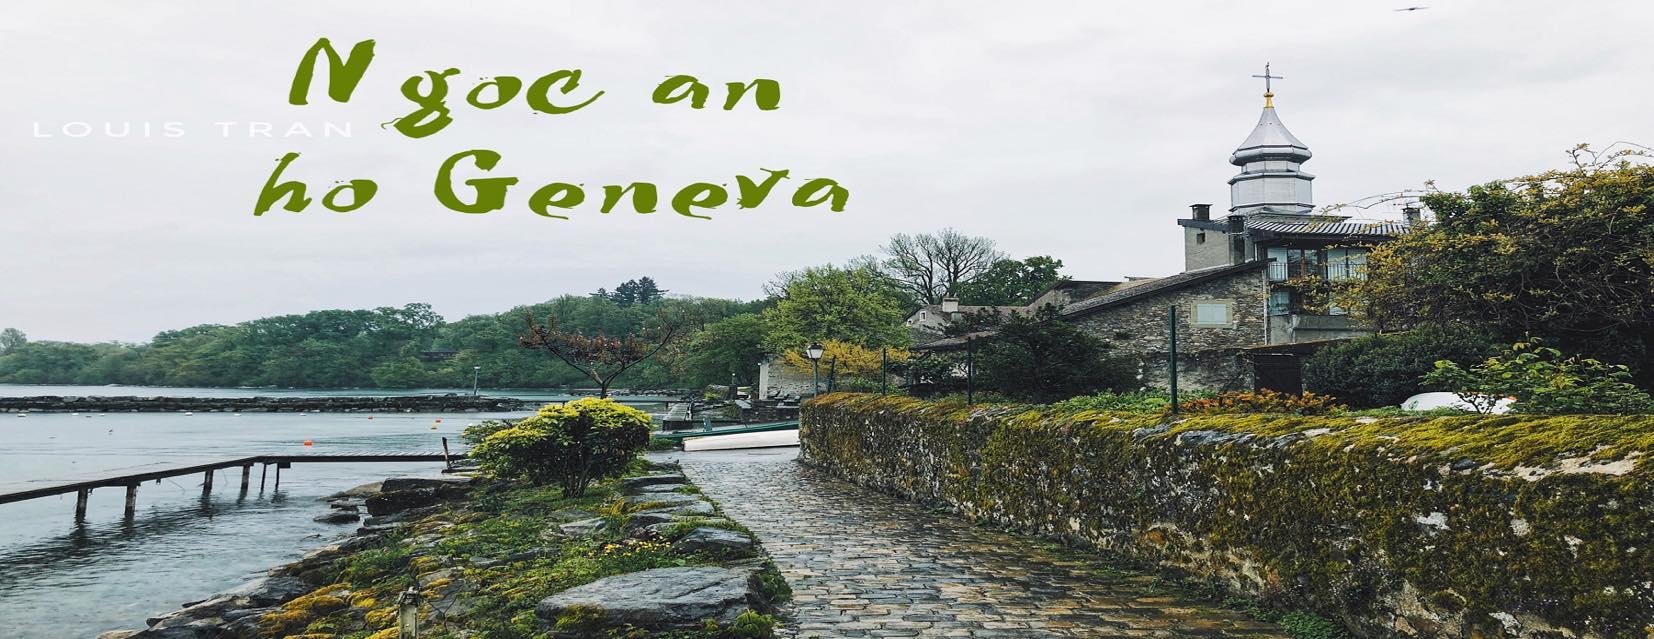 Checkin-Holic: Yvoire - Ngọc ẩn hồ Geneva- Lộc Trần